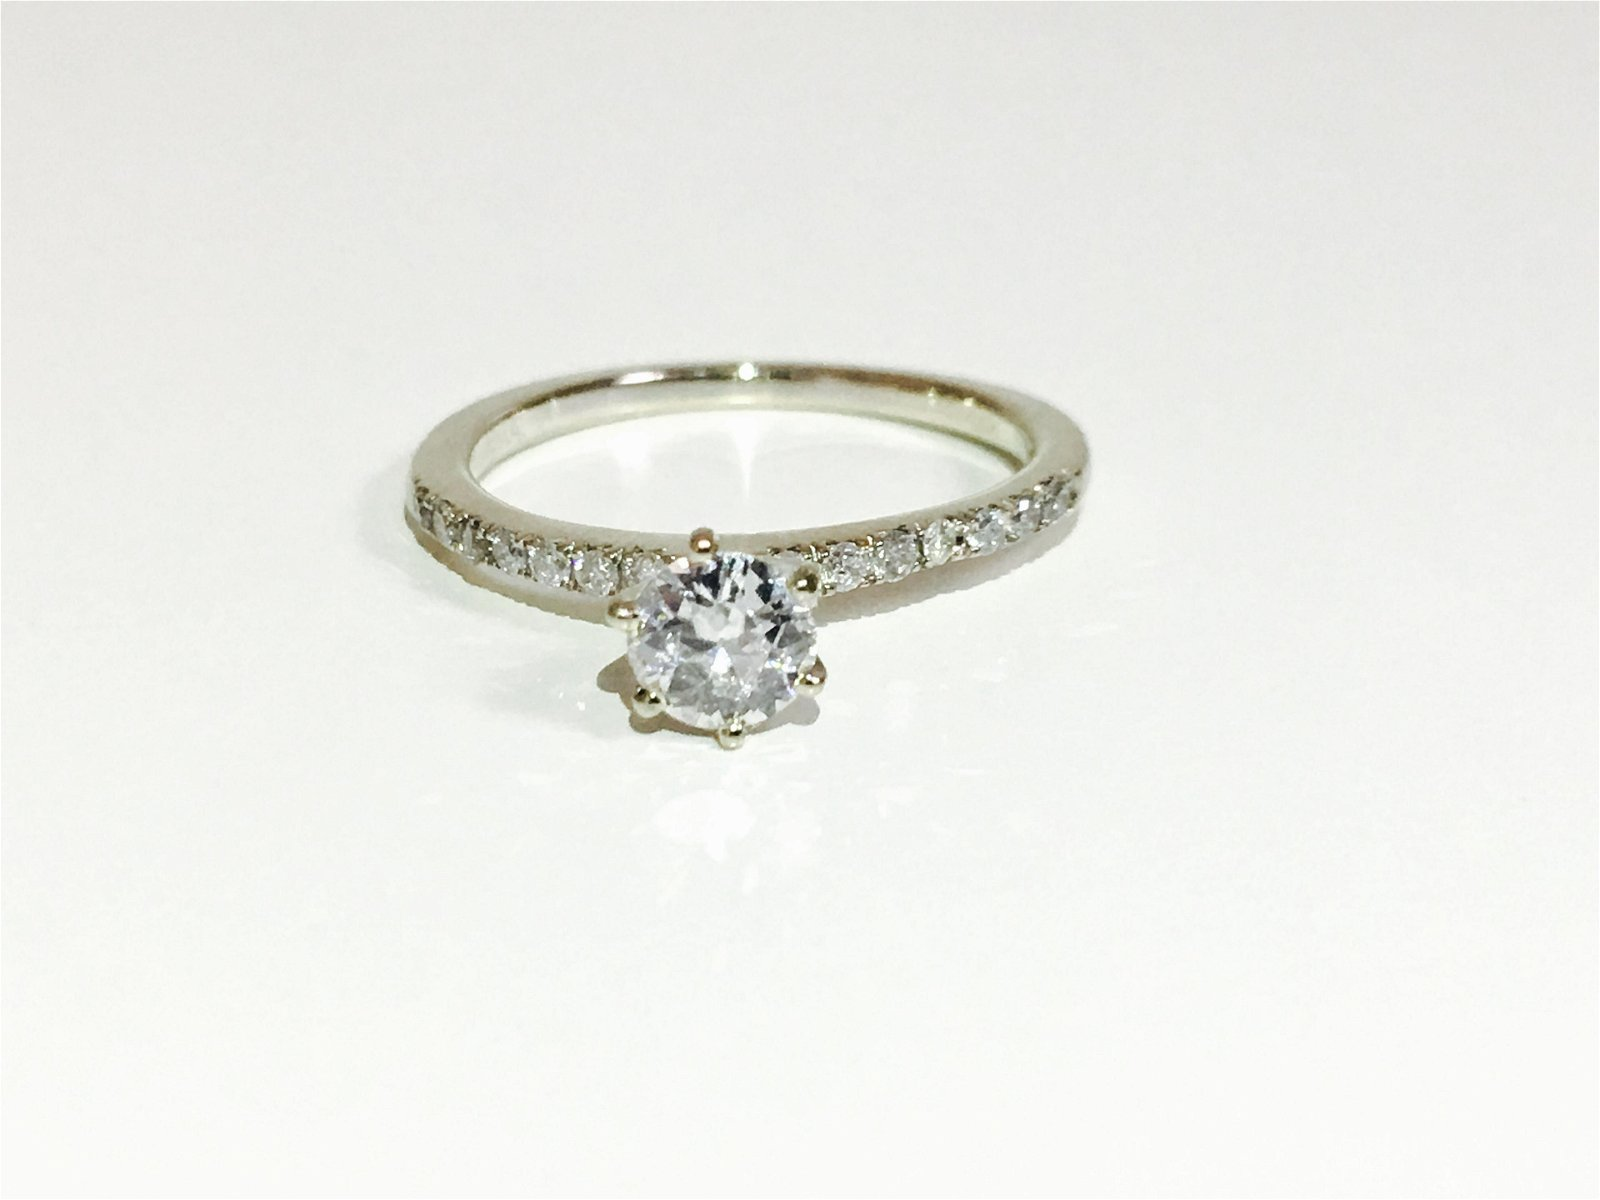 14K White Gold, 0.80CT VS/G Diamond Engagement Ring